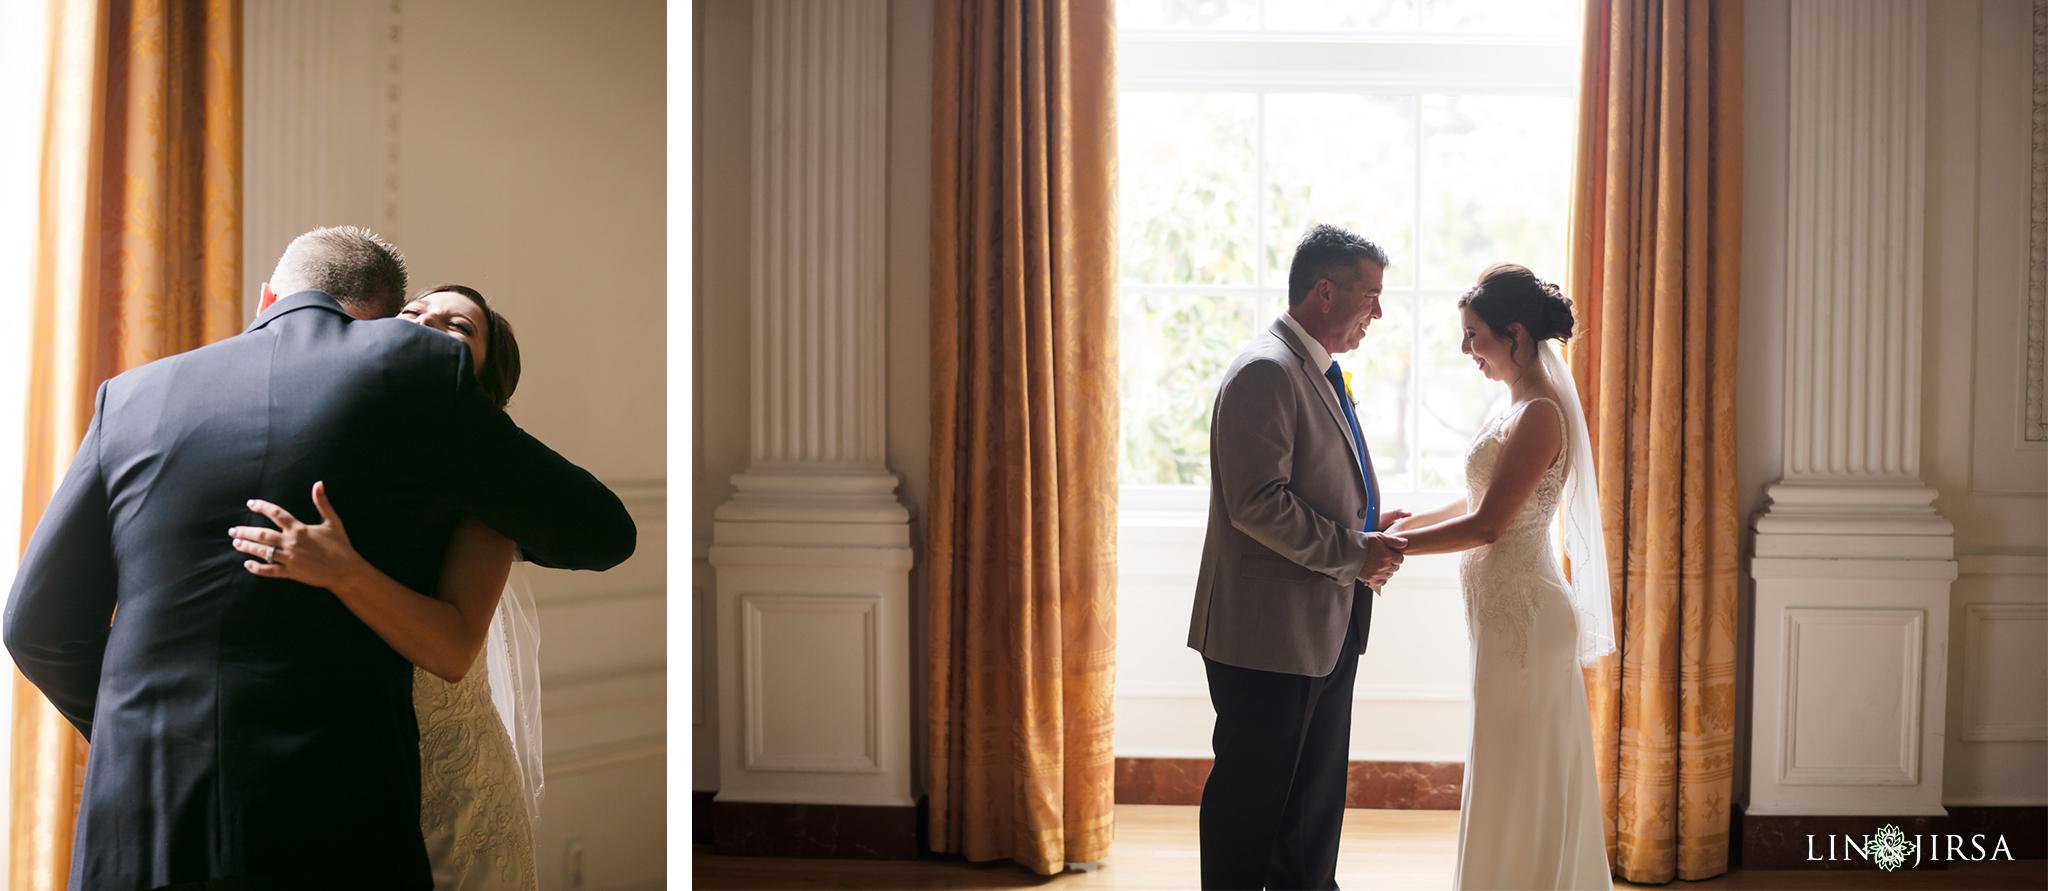 06 Richard Nixon Library Wedding Photographer